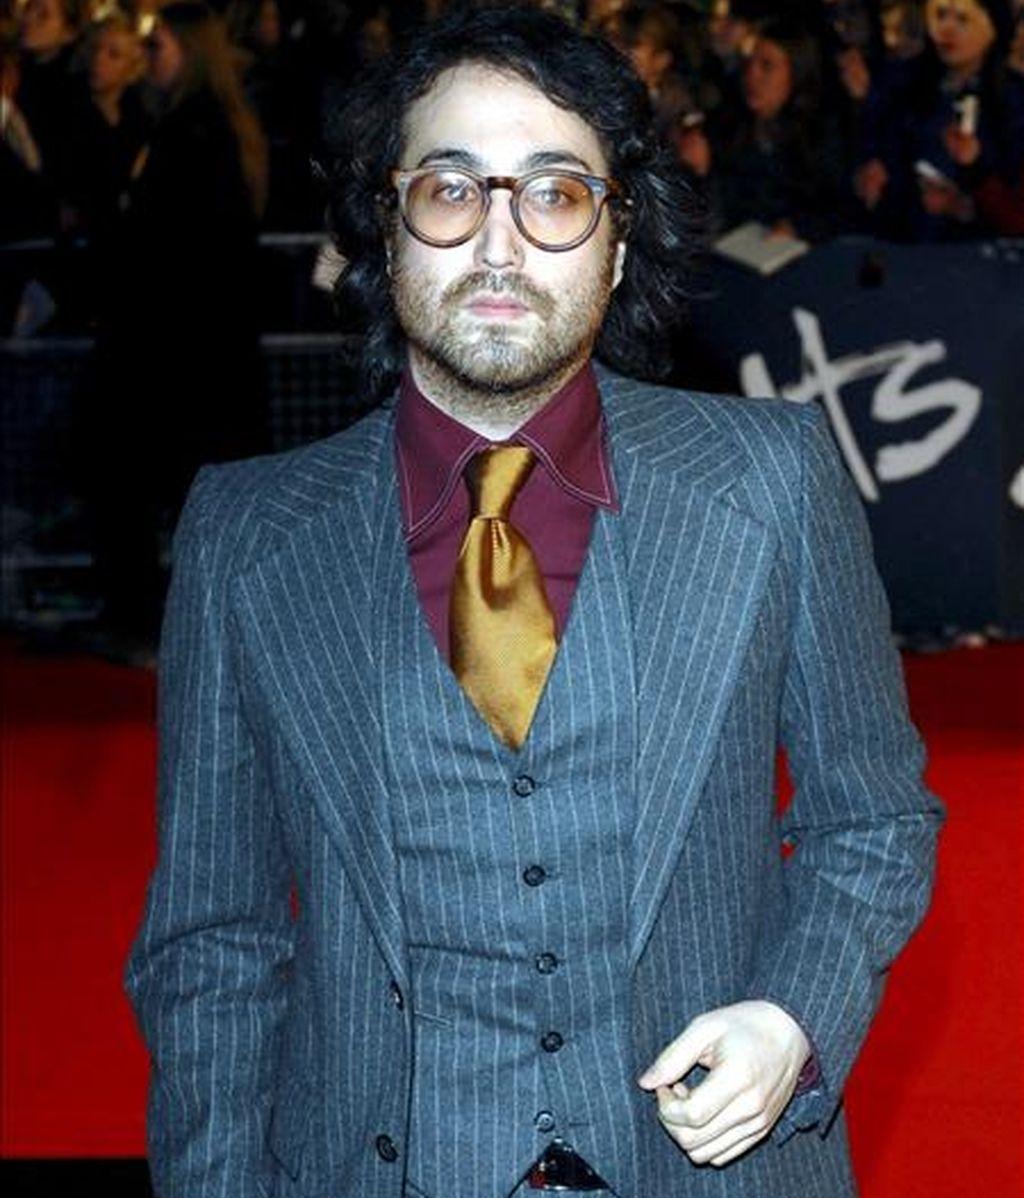 El cantante británico Julian Lennon el 20 de febrero de 2008, a su llegada a los Premios Británicos entregados en el Earls Court de Londres (Reino Unido). EFE/Archivo